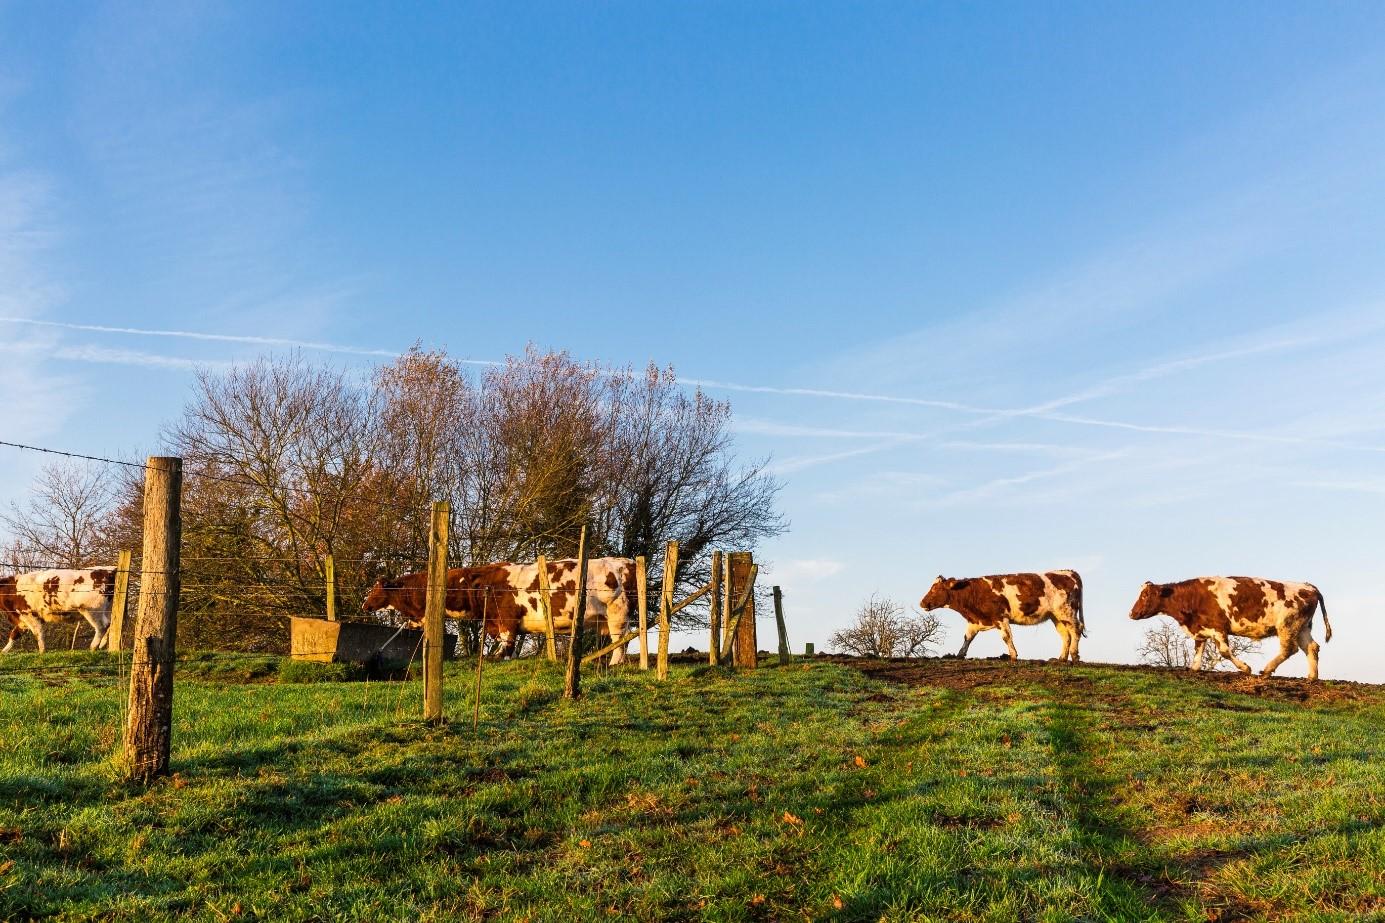 © Région Pays de la Loire / A. Monié - Les beaux matins